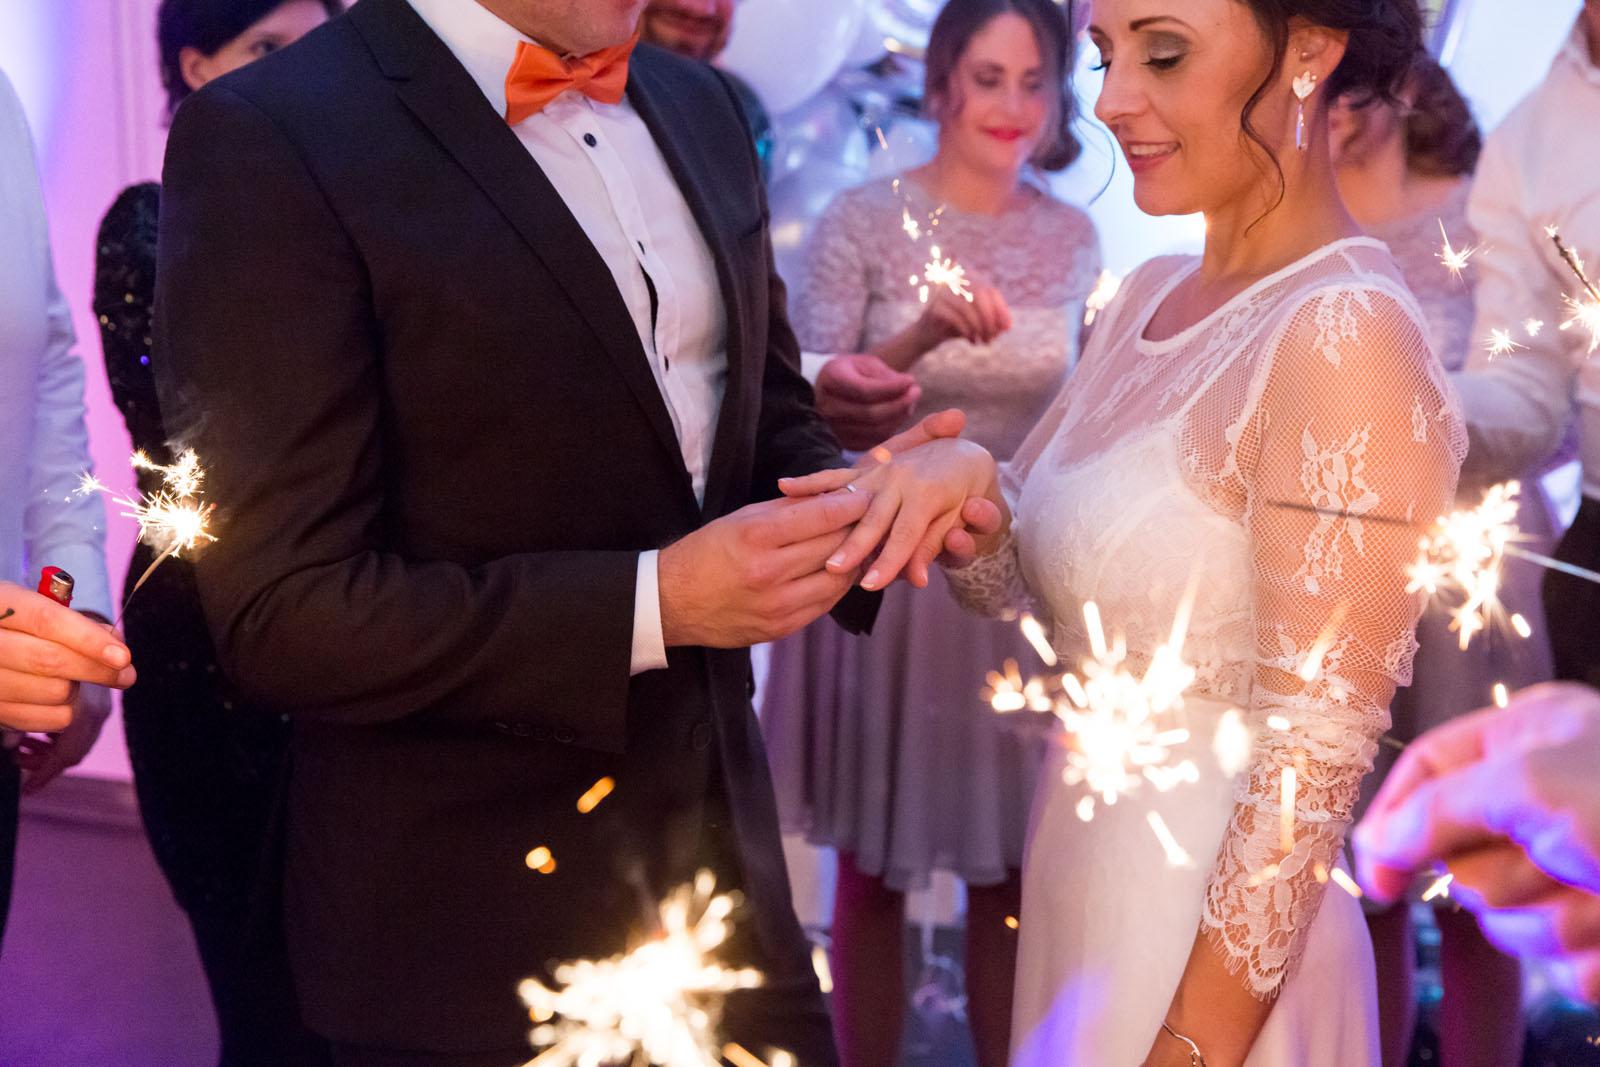 Hochzeit-Silvester-aussergewohnlich-Party